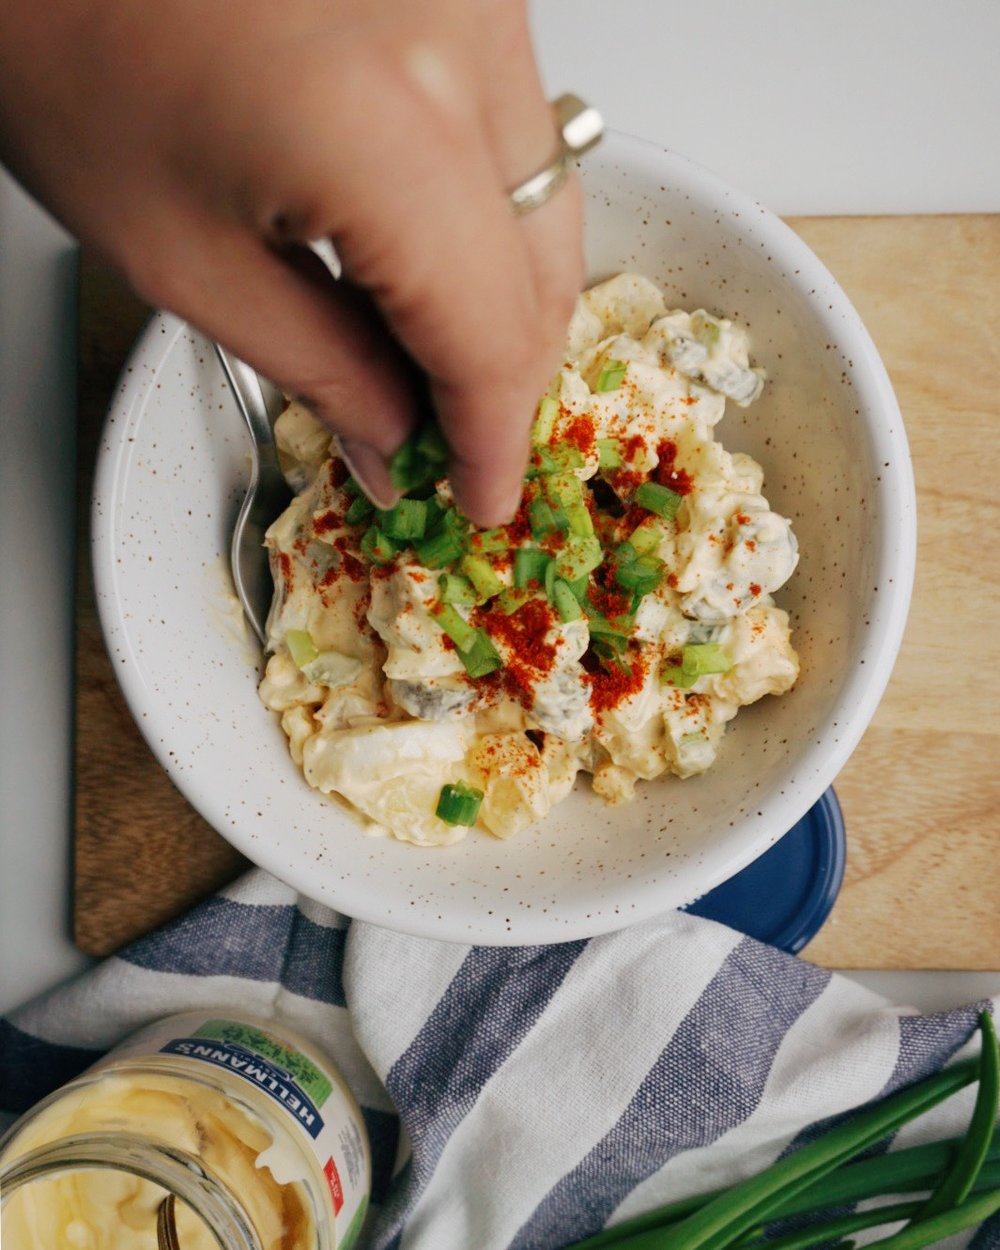 mūsu kartupeļu salāti - lai dzīvo kartupeļi pirms un arī pēc simtgades svinībām! pazīstu dažus, kuri kārtīgu kartupeļu salātu dēļ varētu šķērsot tuksnesi vai pārpeldēt Usmas ezeru noteikti. šos var pasniegt kā modīgākajās viesībās, tā arī pavisam sagurušos un slinkos vakaros mājās. laba mērce, riktīgas sastāvdaļu proporcijas un vienaldzīgo nebūs 🎉